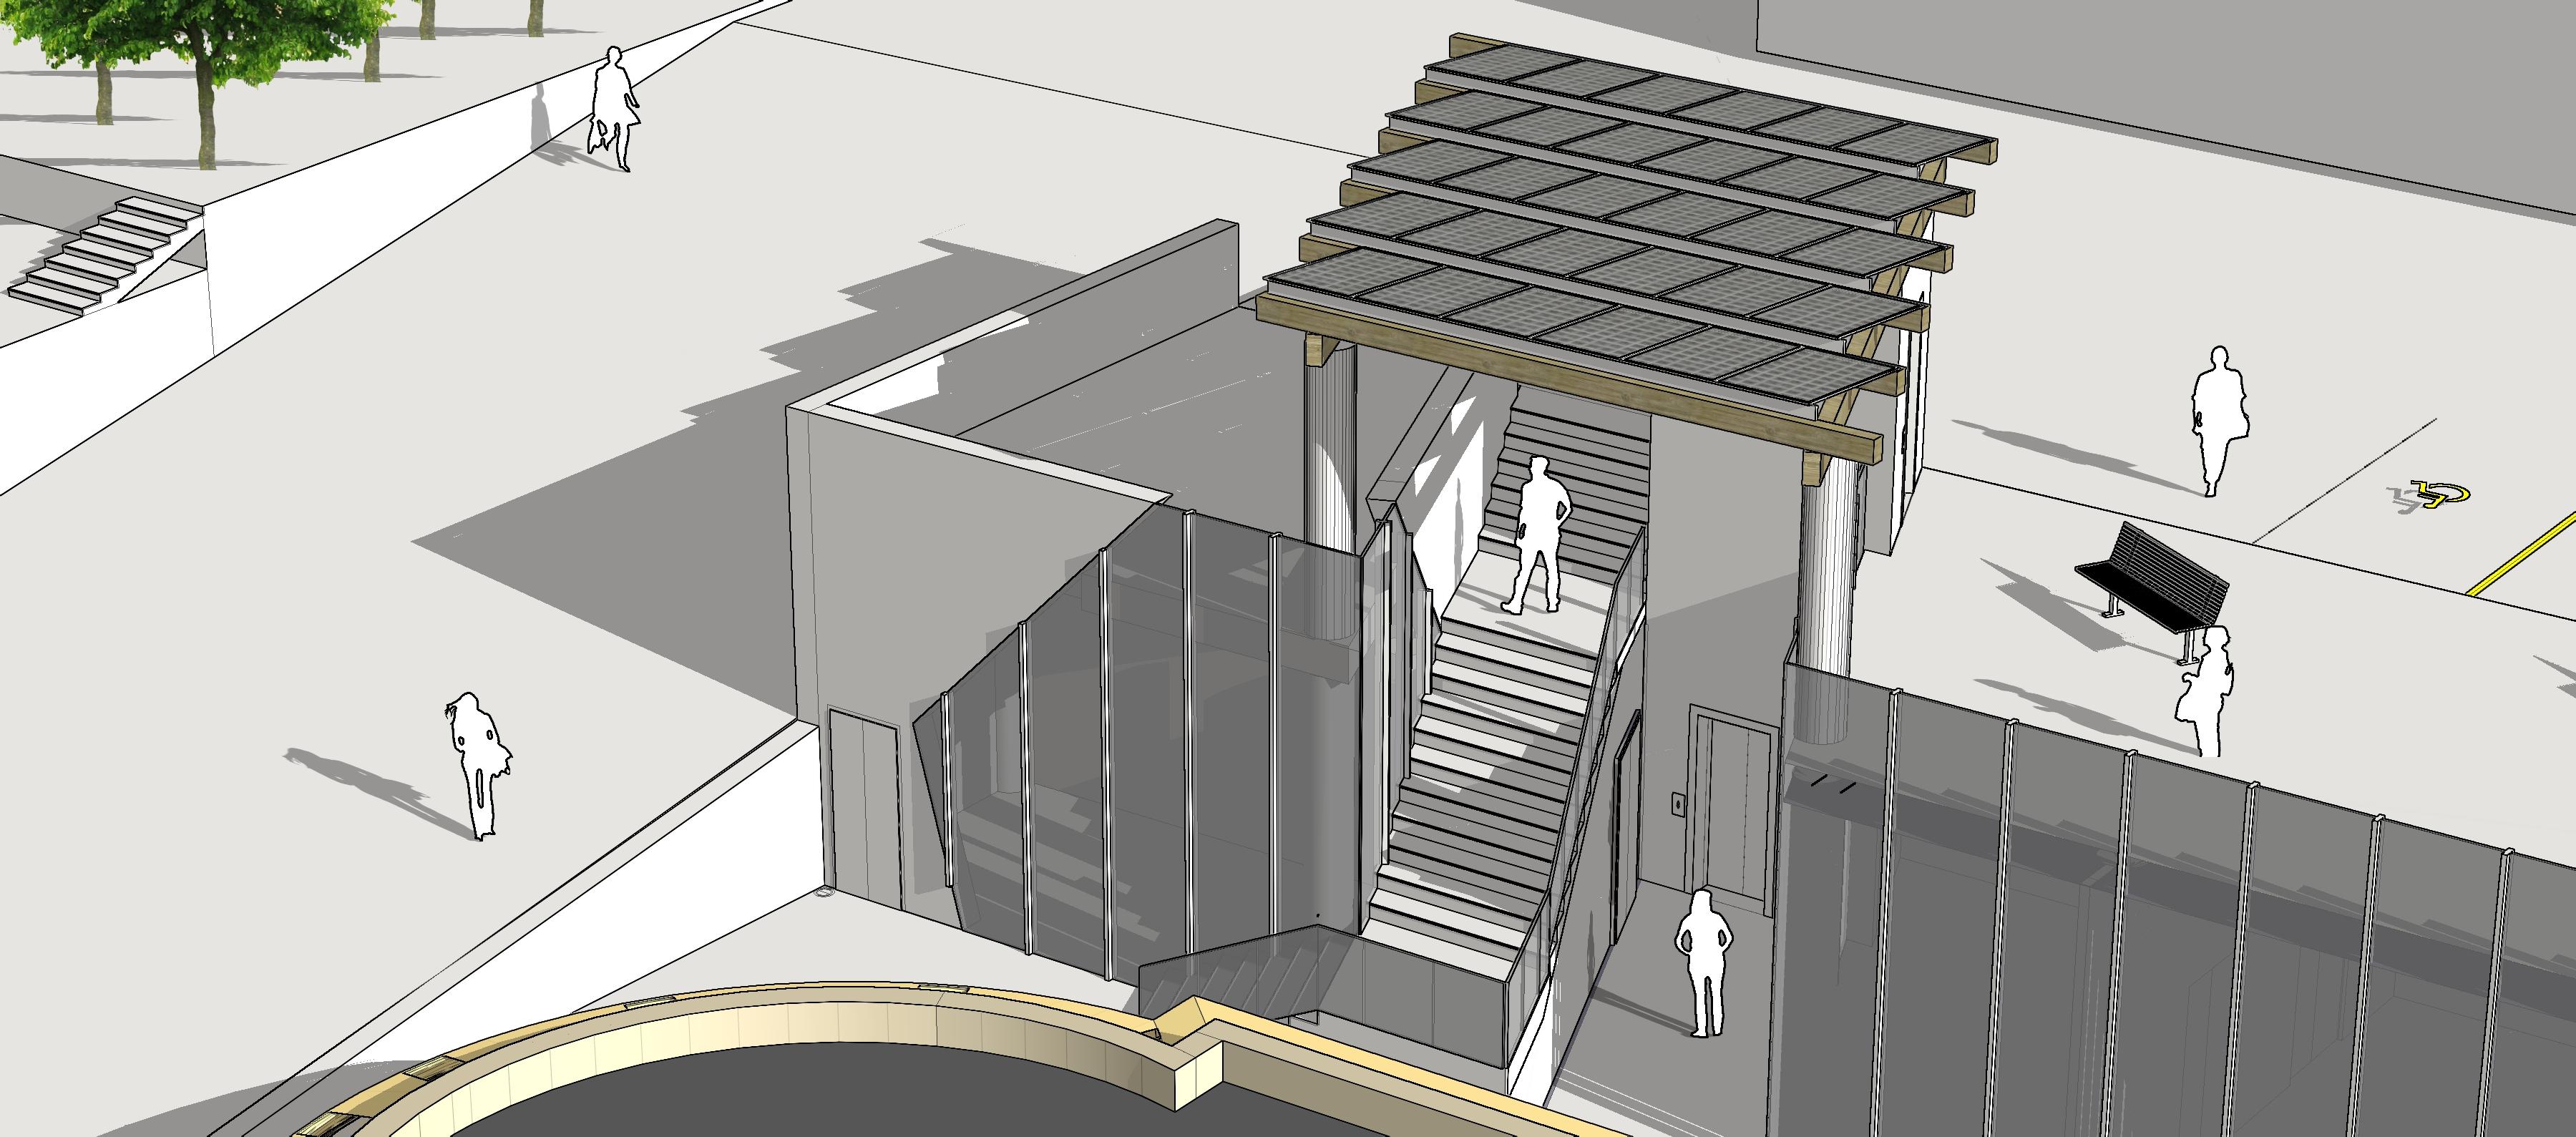 Recupero e trasformazione dell'ex acquedotto in museo tematico a Ramacca (CT)